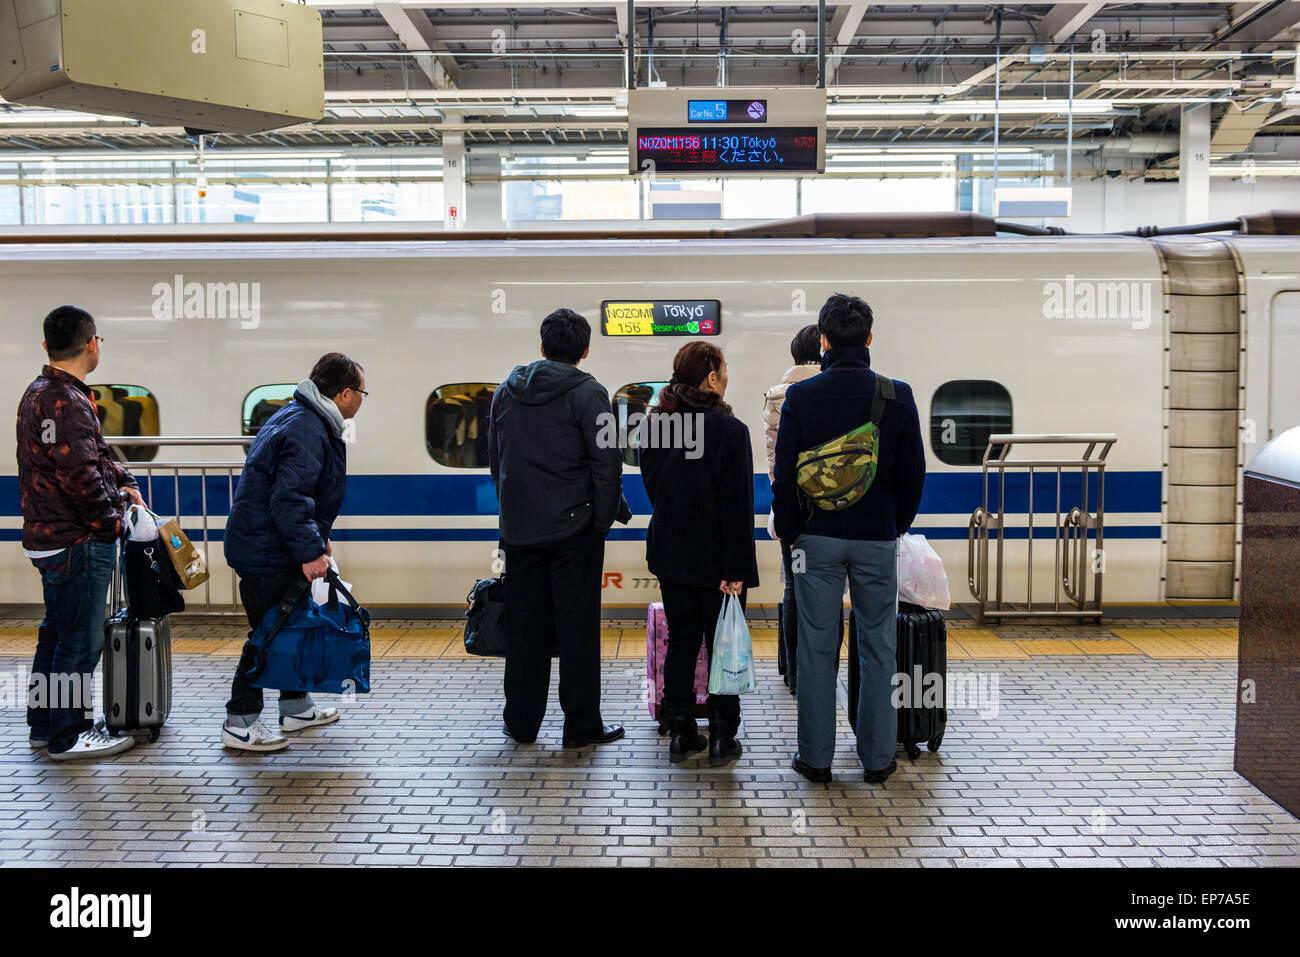 Osaka Station Stock Photos & Osaka Station Stock Images - Alamy